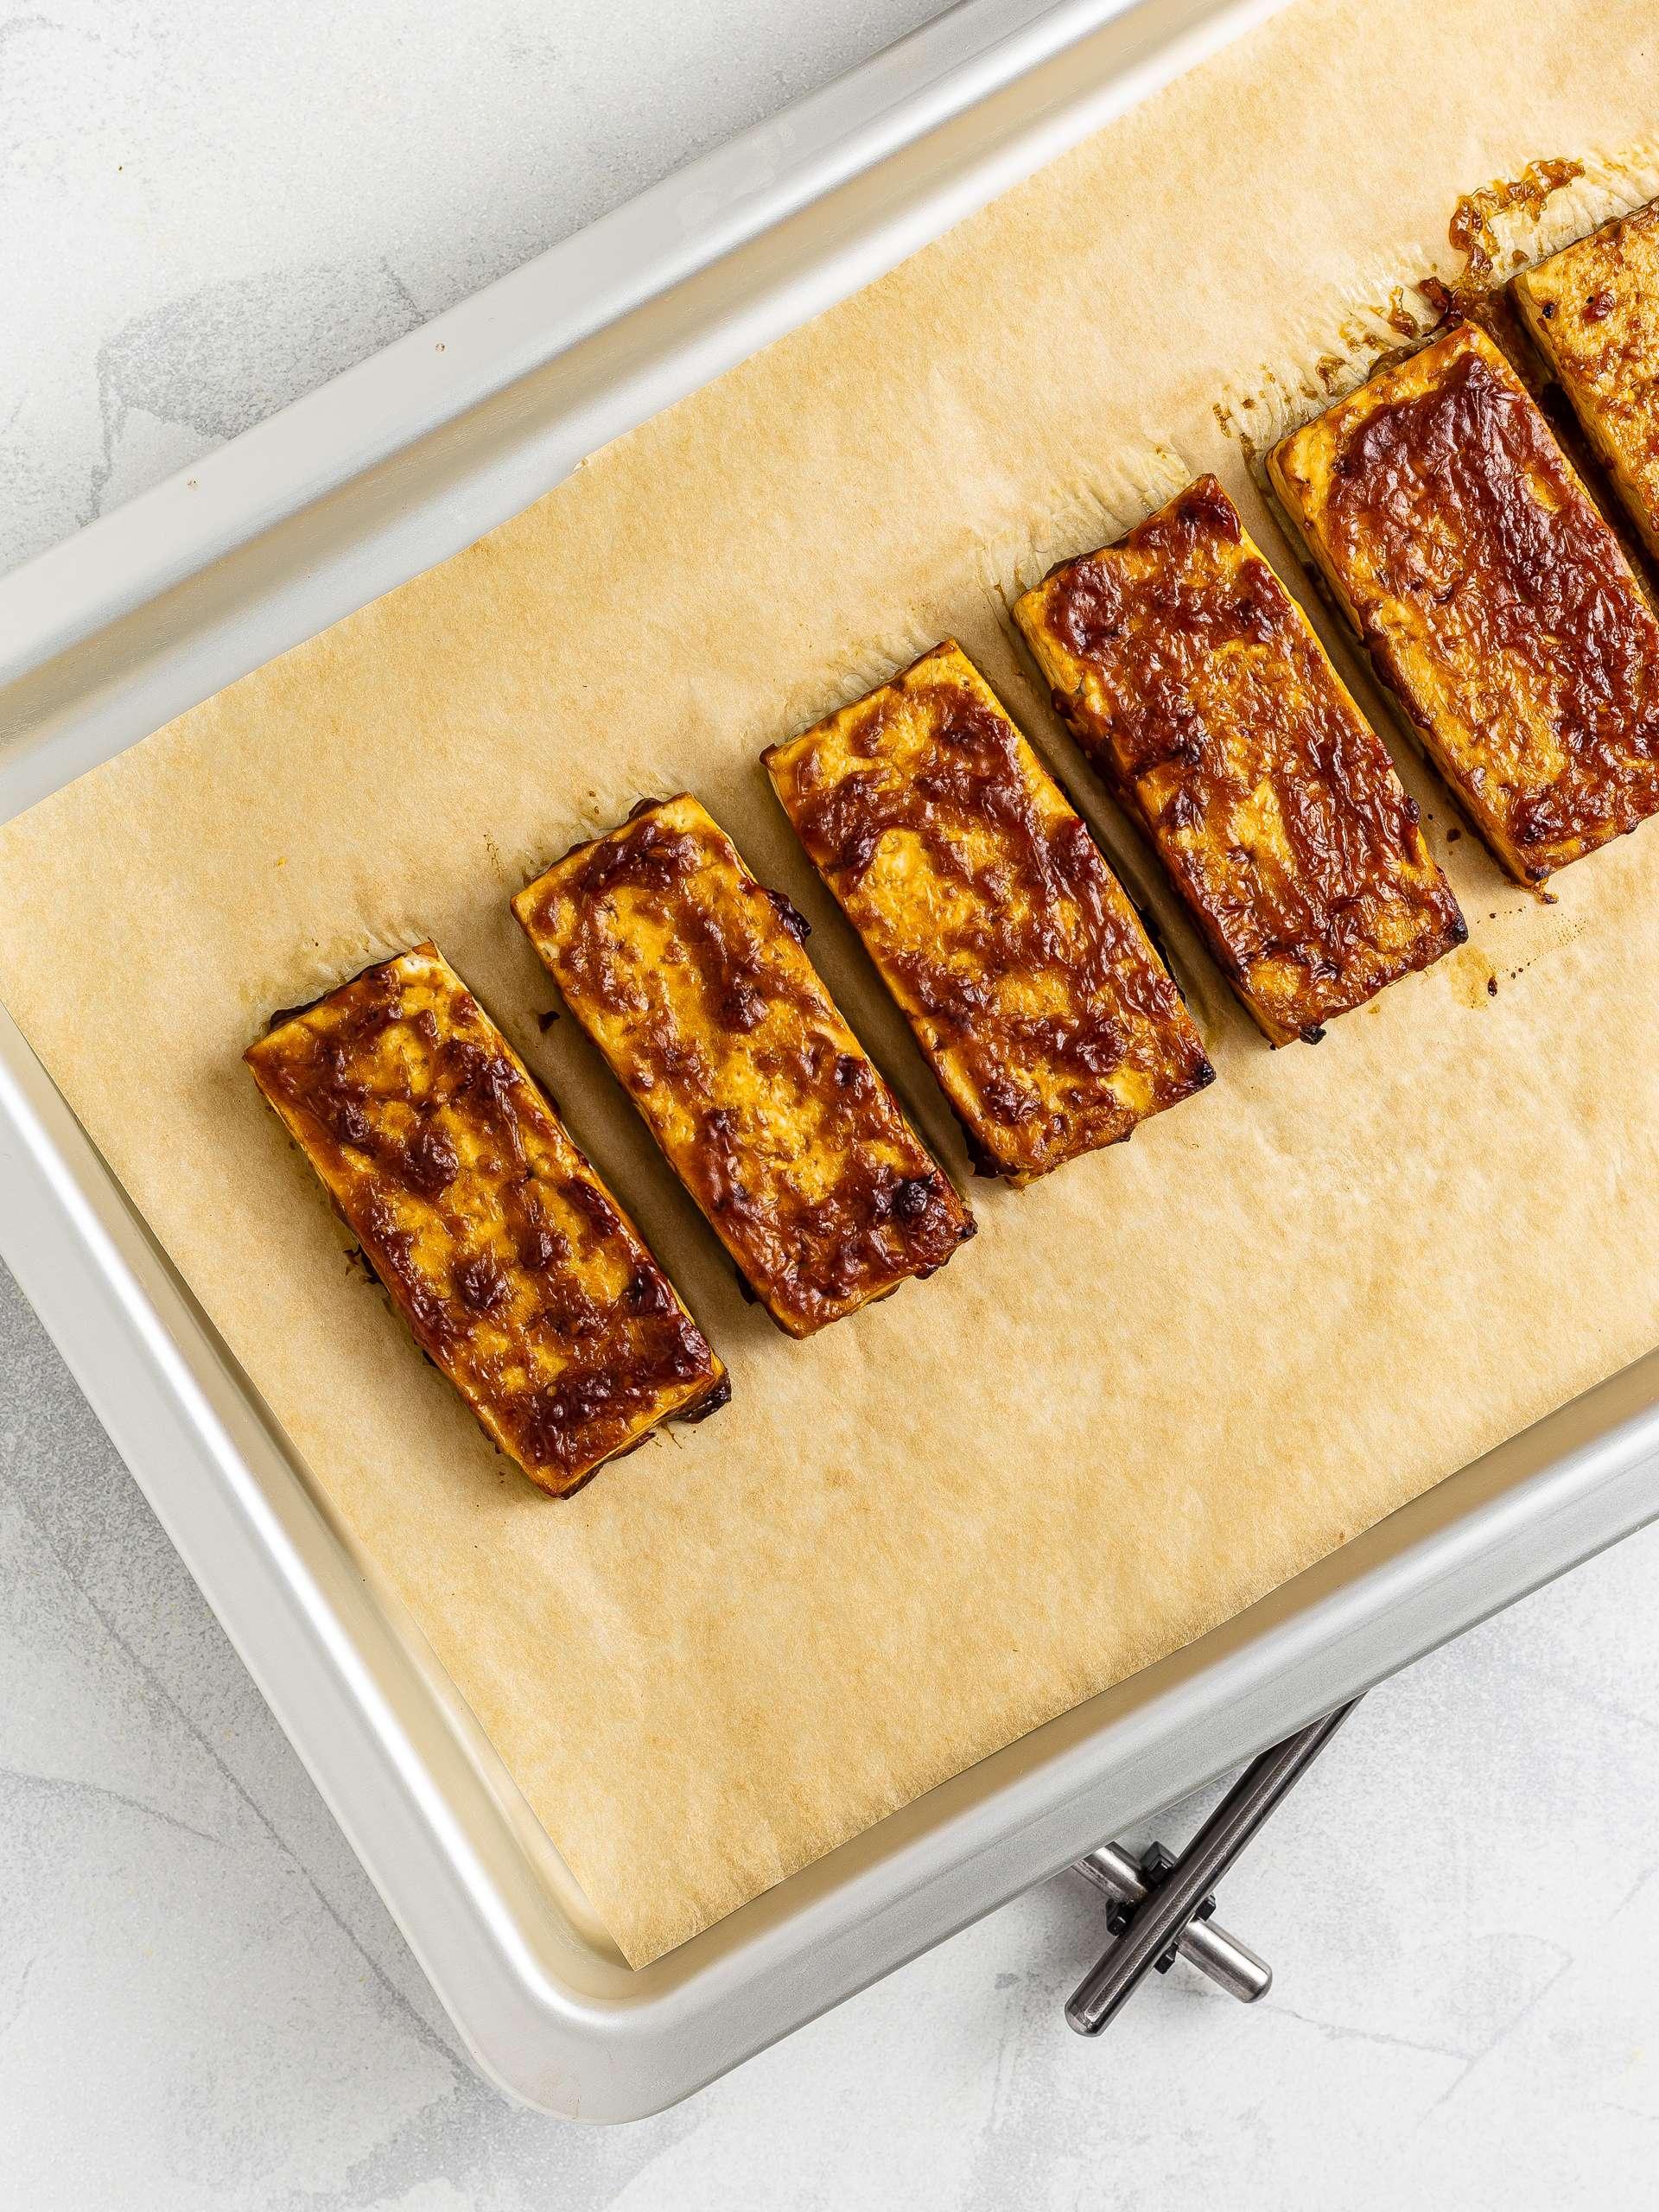 oven-baked tofu teriyaki